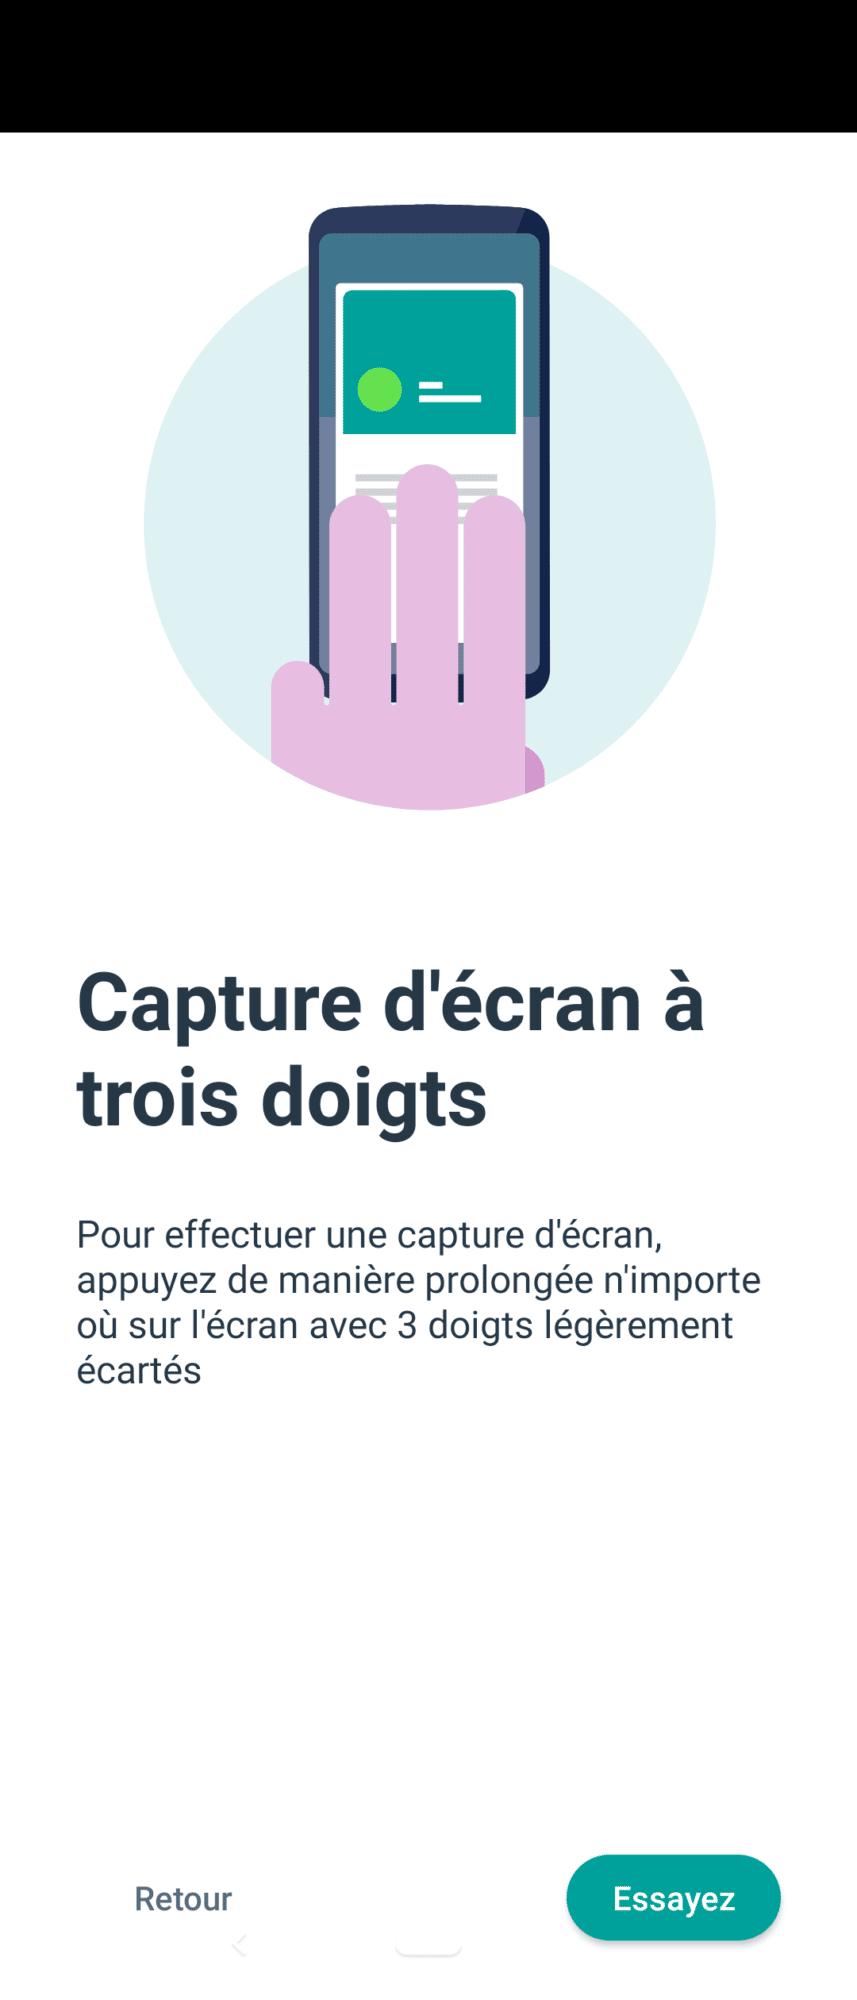 capture d'écran à 3 doigts